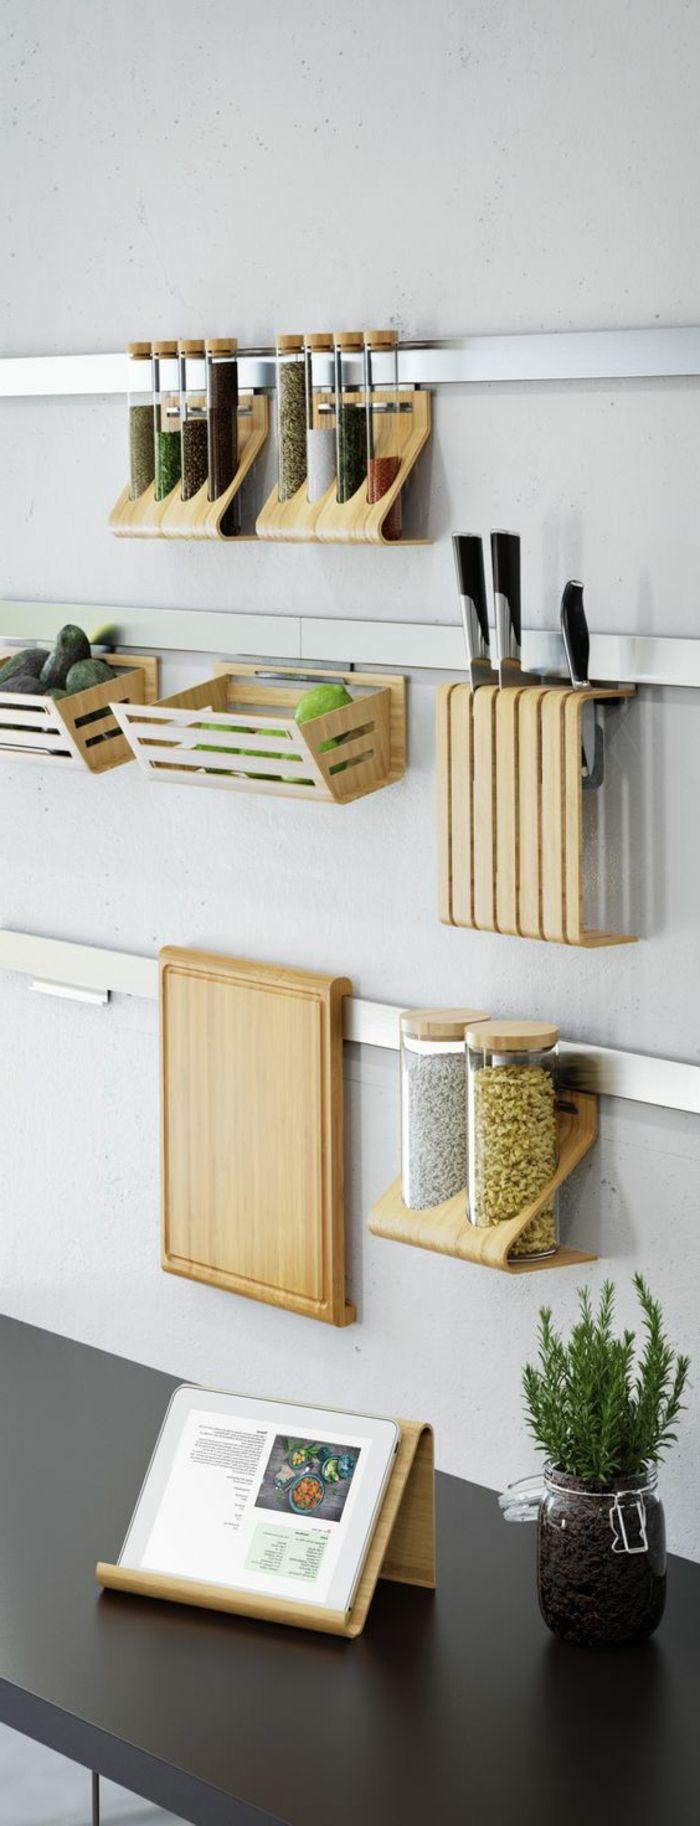 Aus ideen für die küche    ideen für wandgestaltung küche zum entlehnen